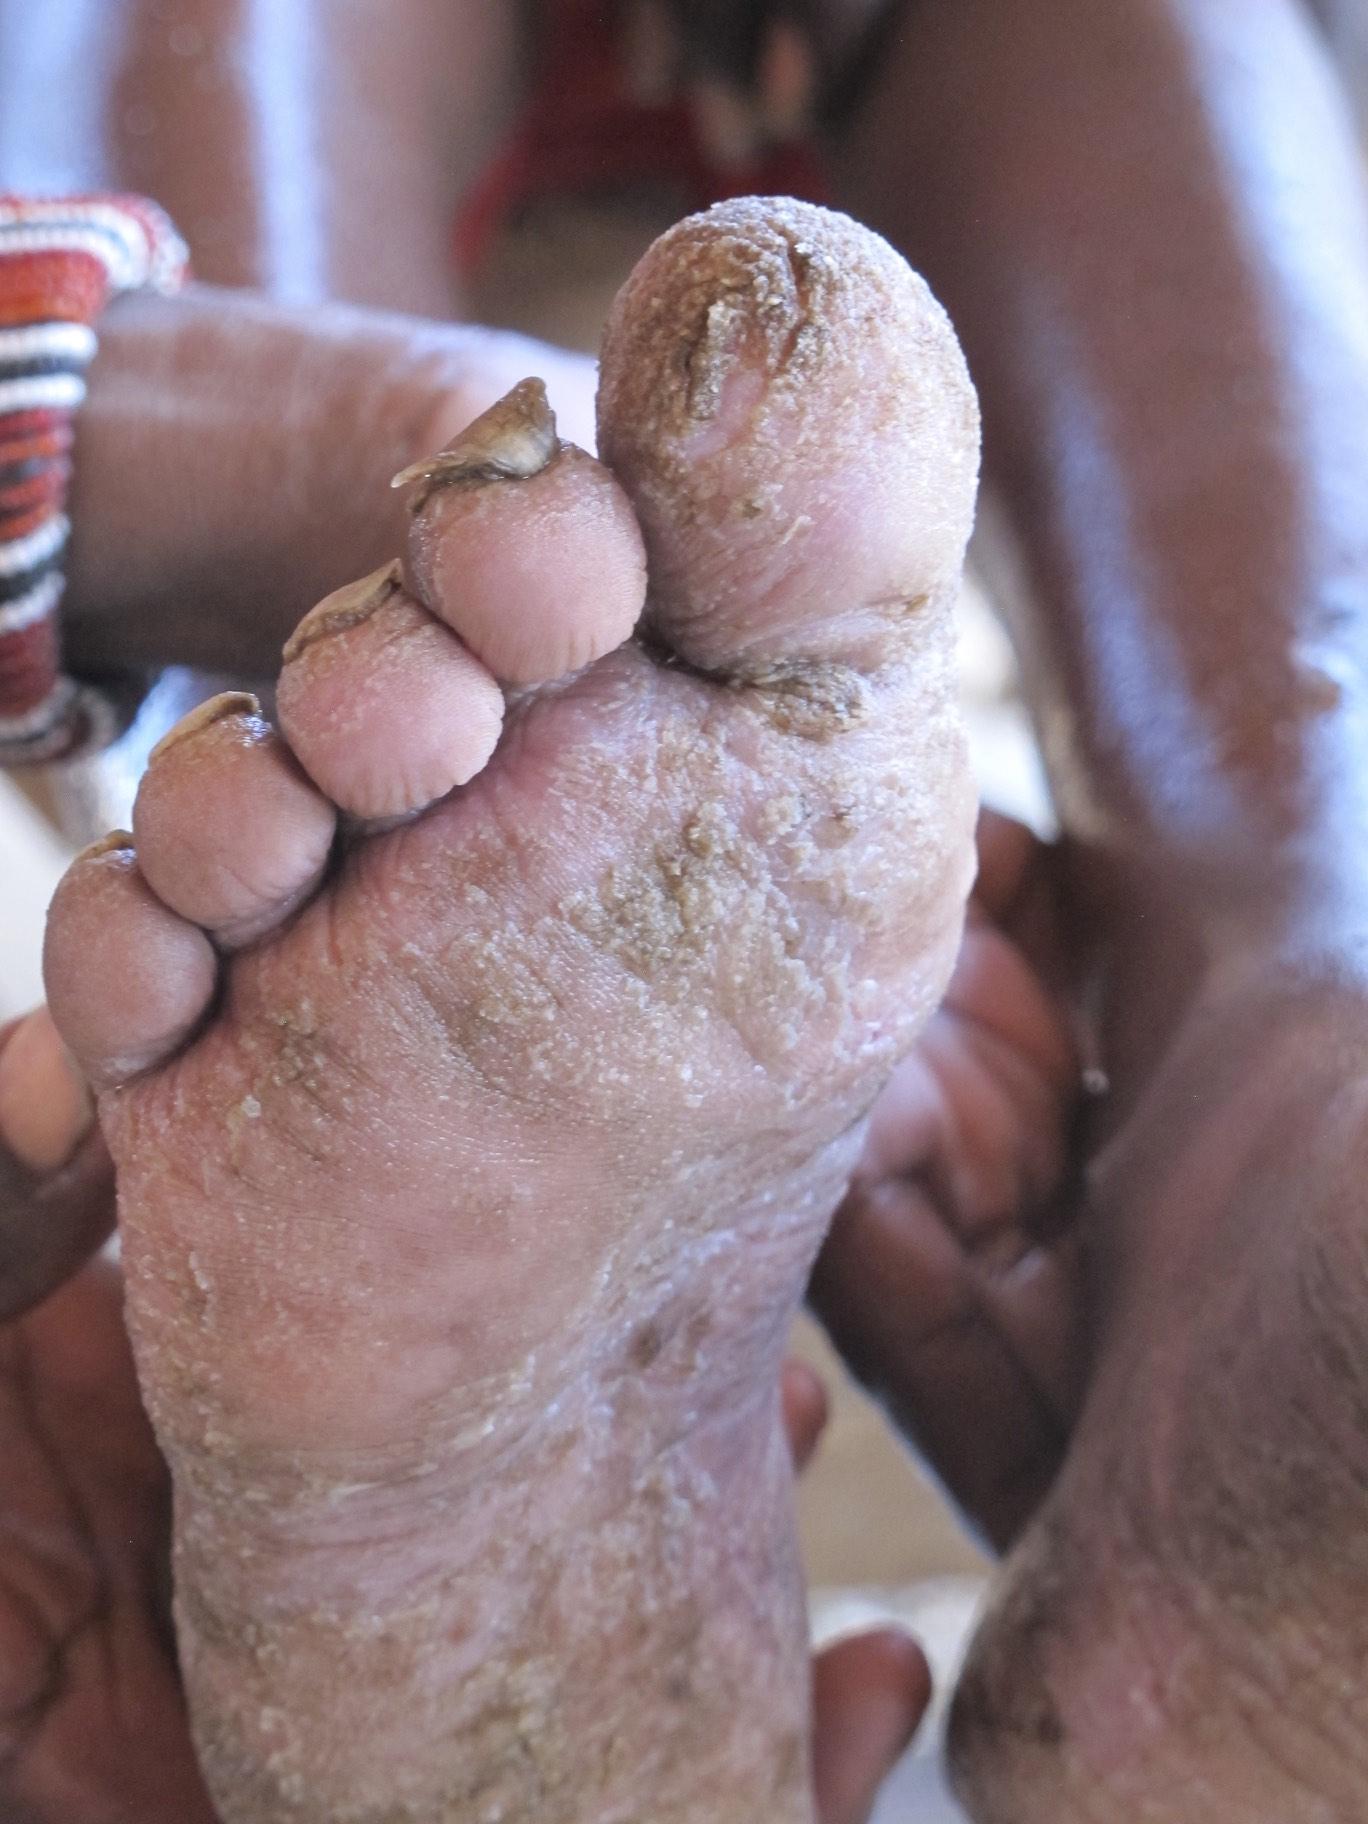 medfoot.jpg